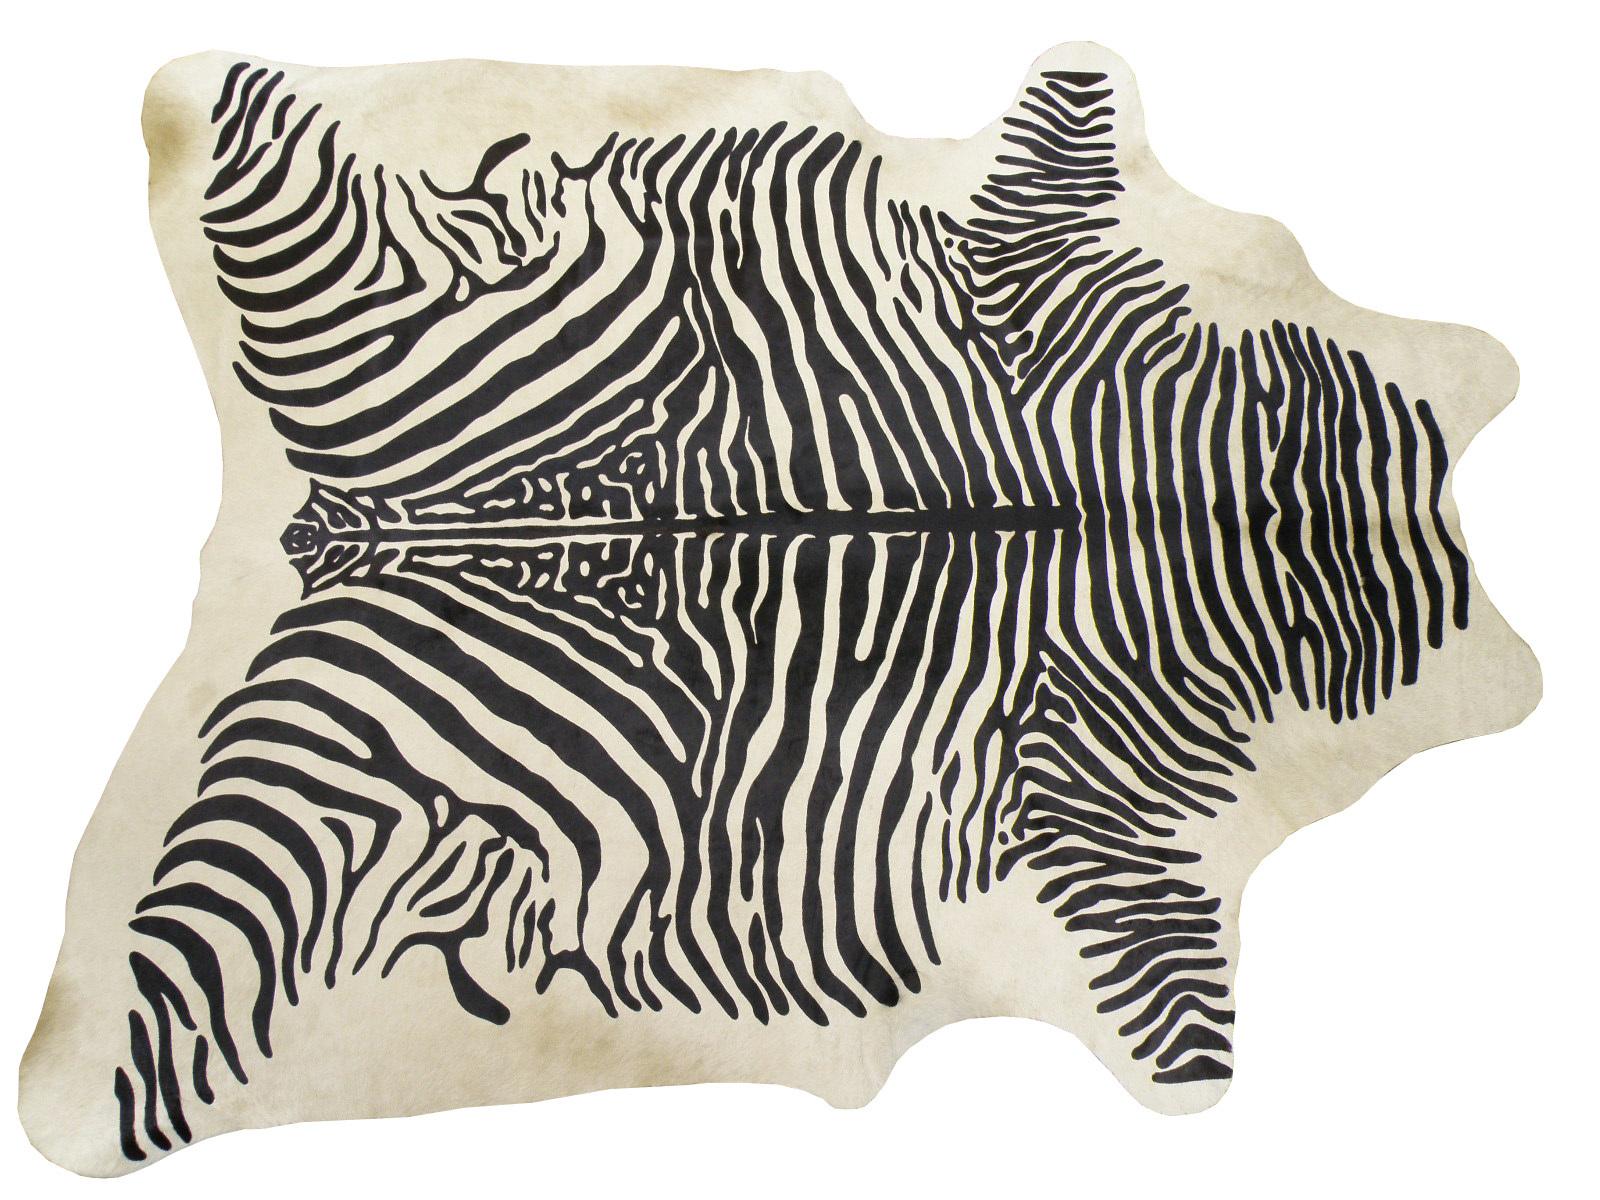 Шкура коровы крашеная под Зебру арт.: 25237